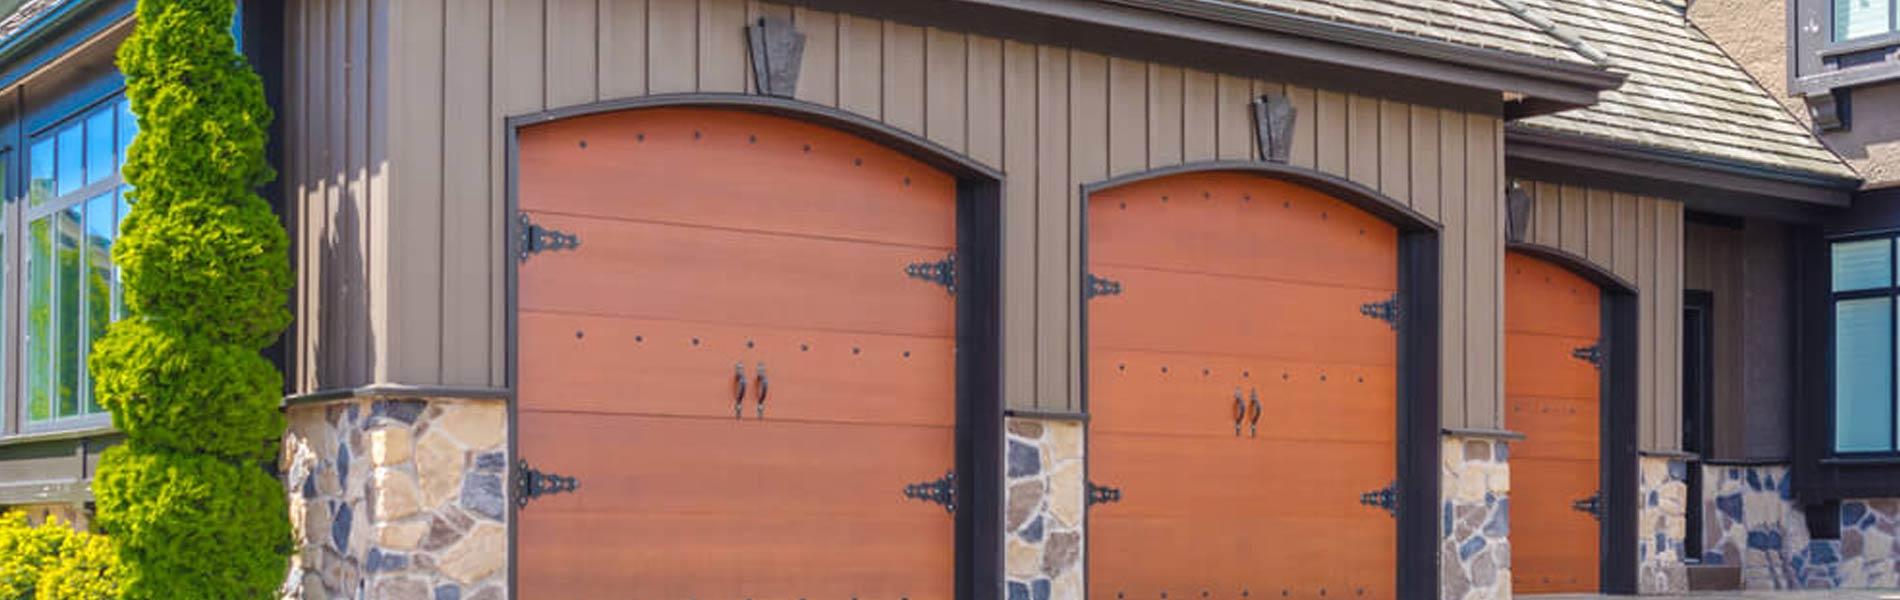 Allen Garage Door Shop Garage Doors Allen Tx 972 876 3437